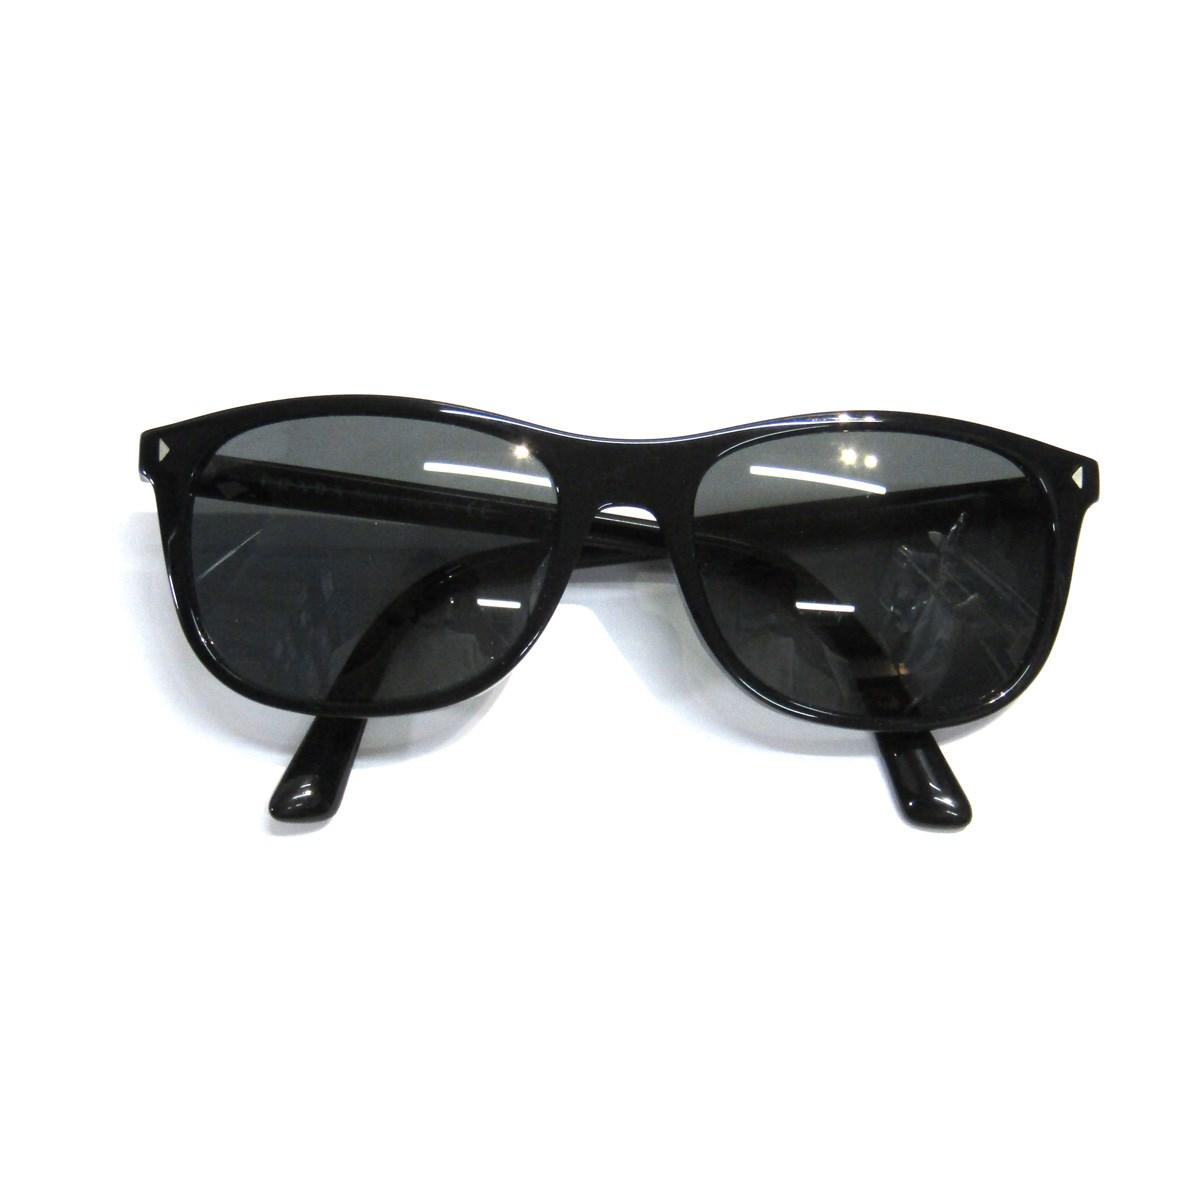 【中古】PRADA PR01RSF サングラス ブラック サイズ:57ロ19 【120820】(プラダ)